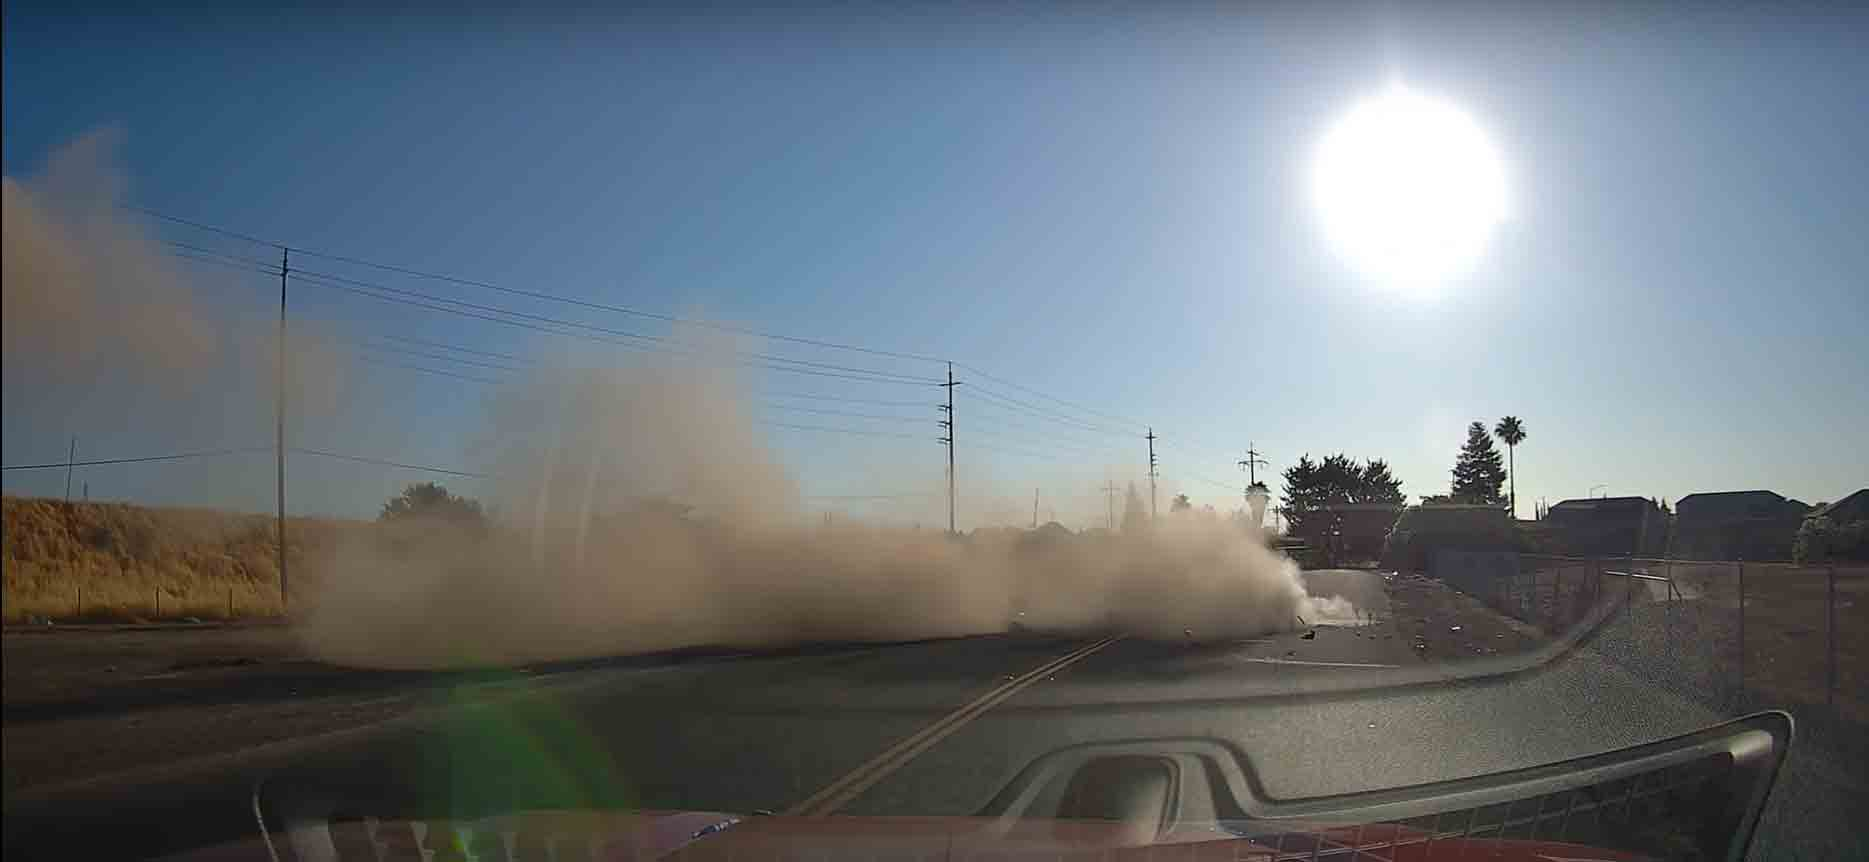 Carro bate em rodovia e voa  em um vídeo chocante. Foto: Reprodução Youtube